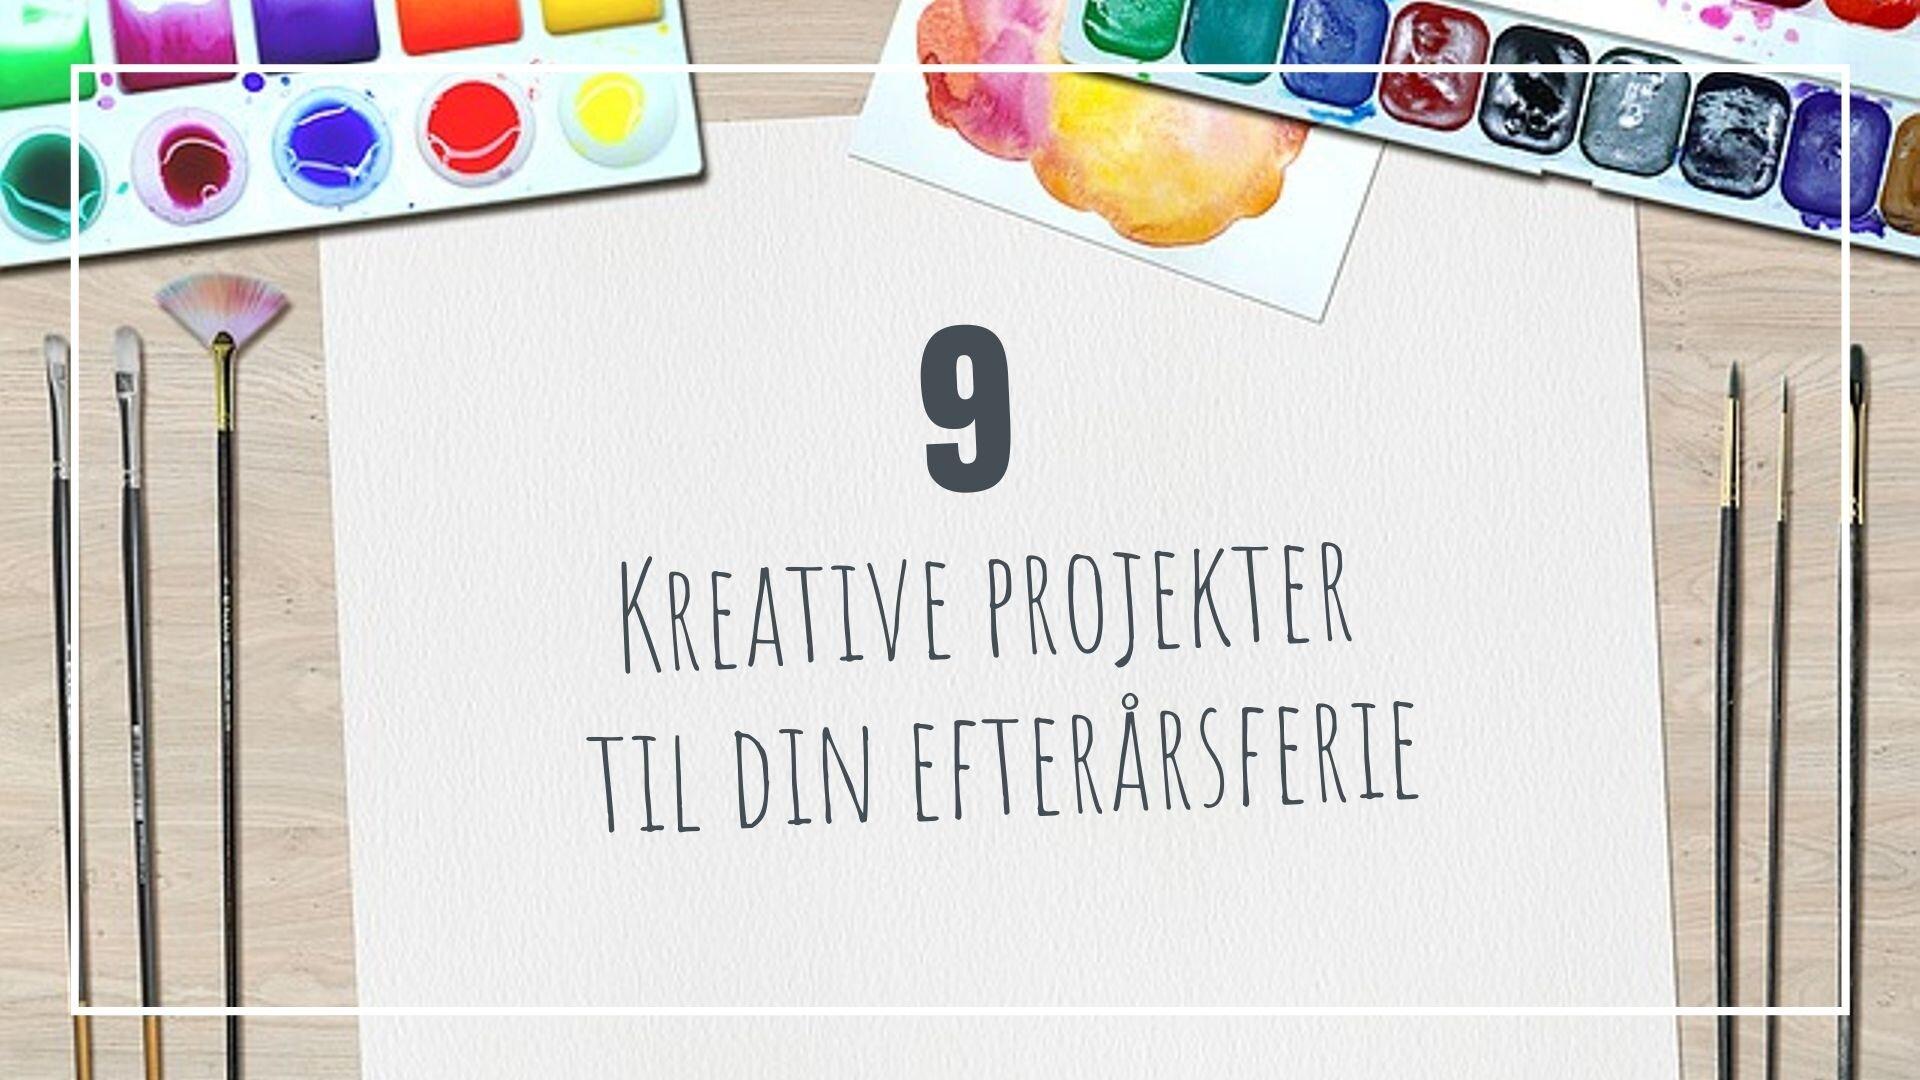 kreative ideer til efterårferien.jpg